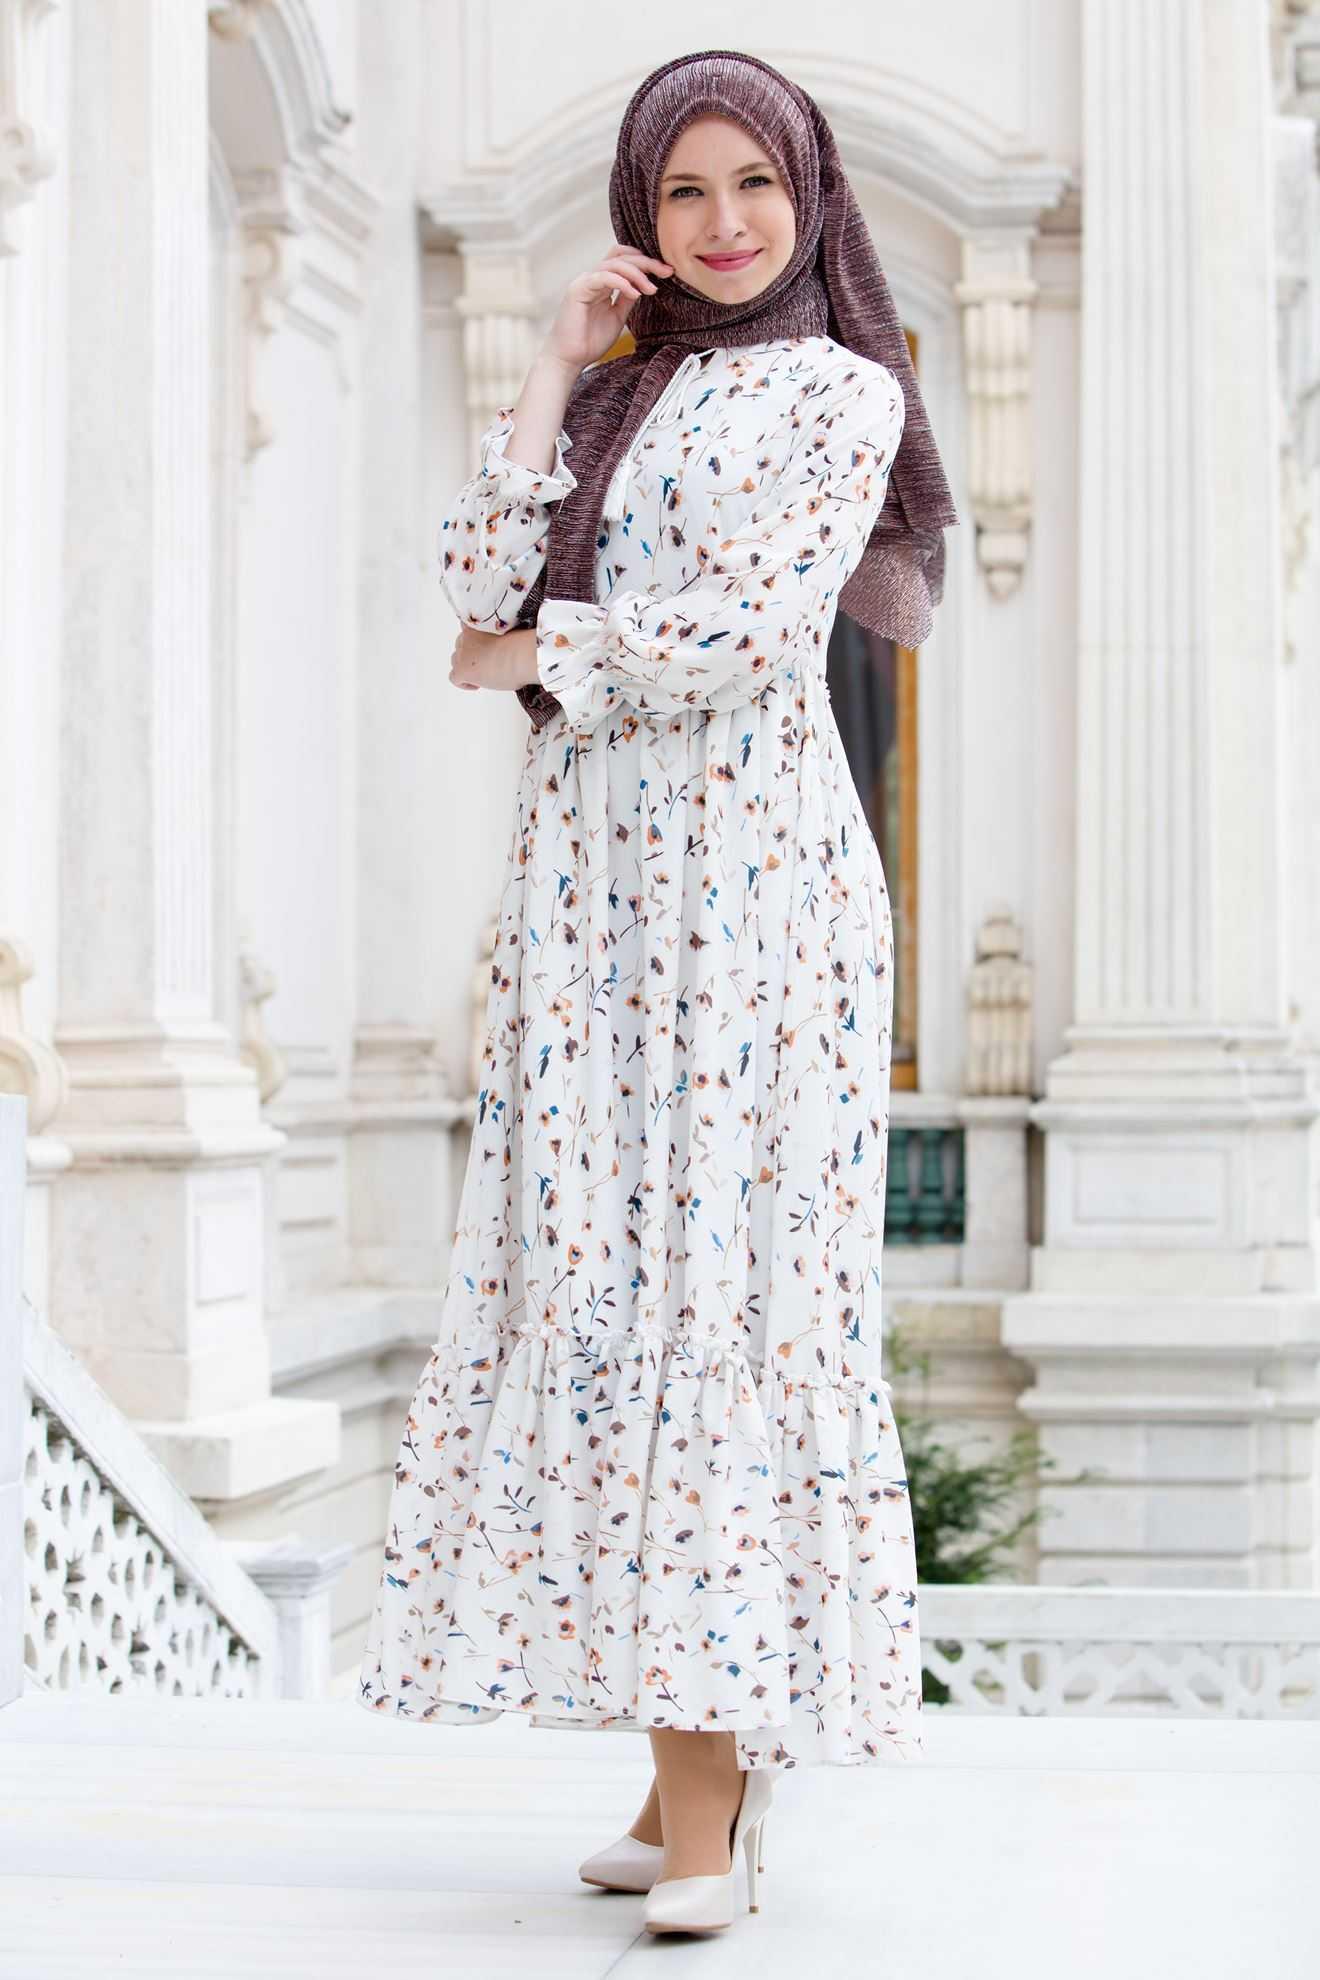 Sedanur Baskılı Tesettür Elbise Modelleri